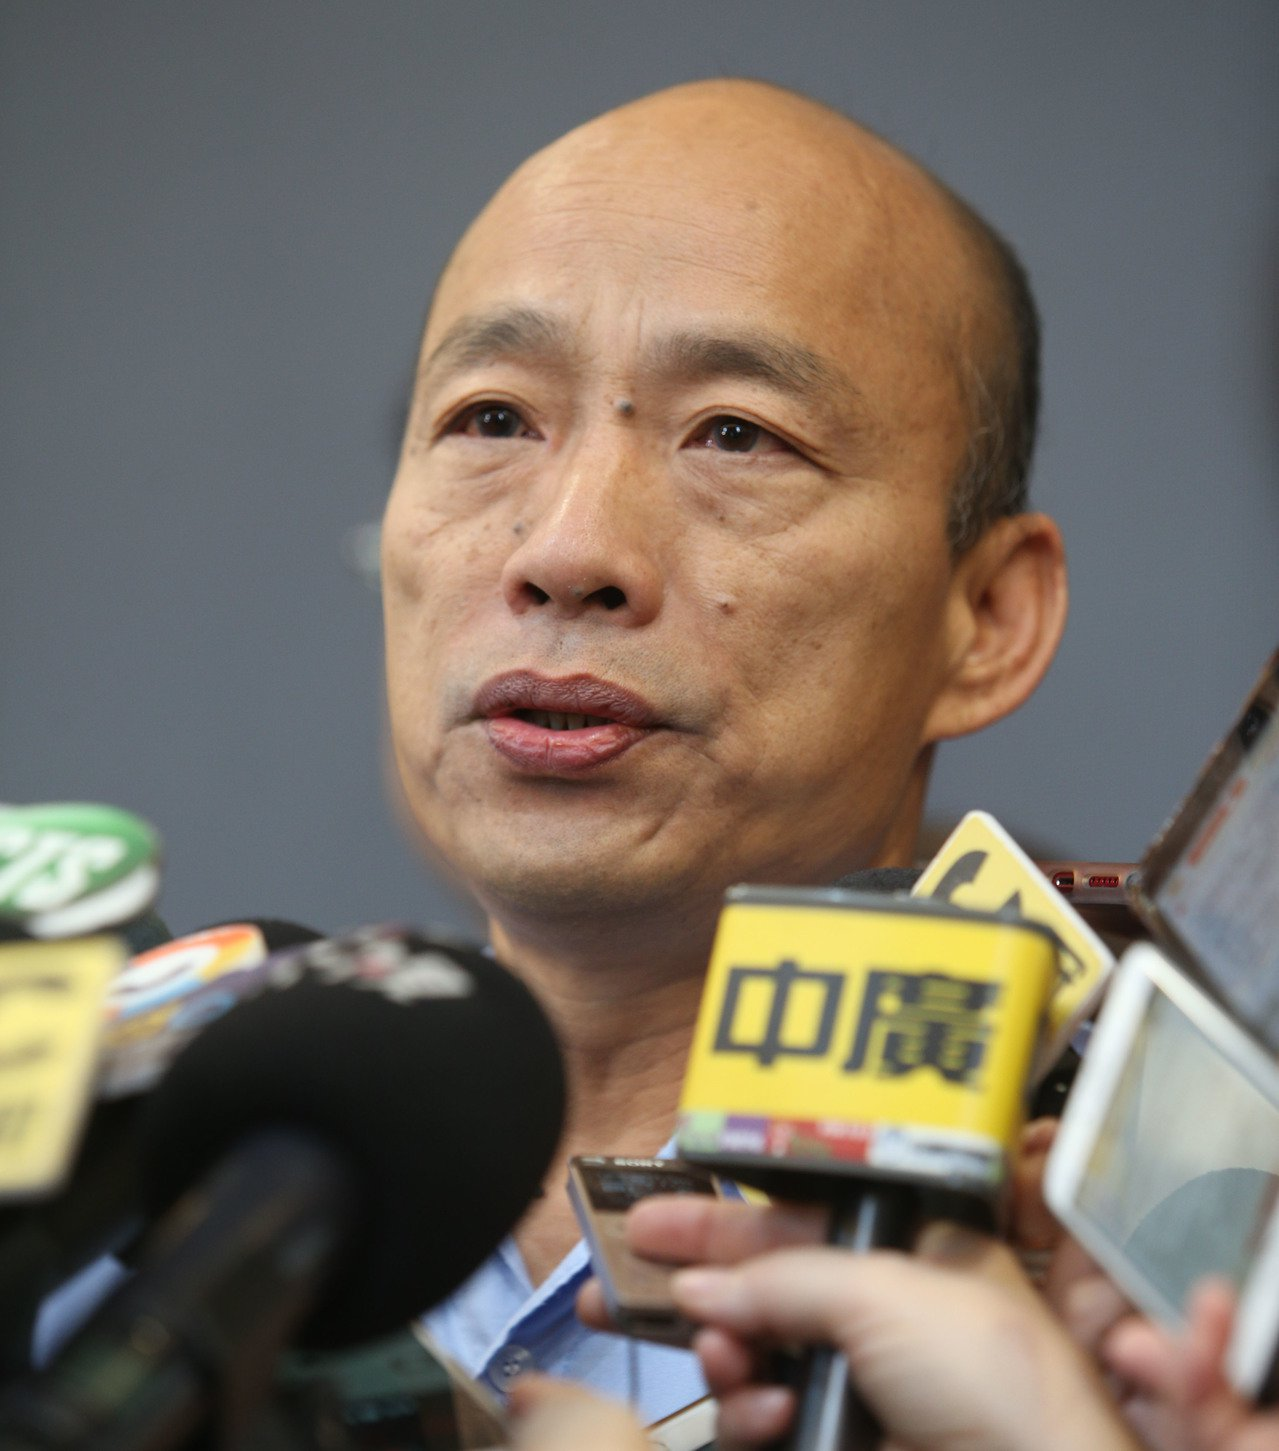 高雄市長韓國瑜表示,原本要去探望女騎士家屬但家屬已離開,加上檢察官還未相驗,所以...